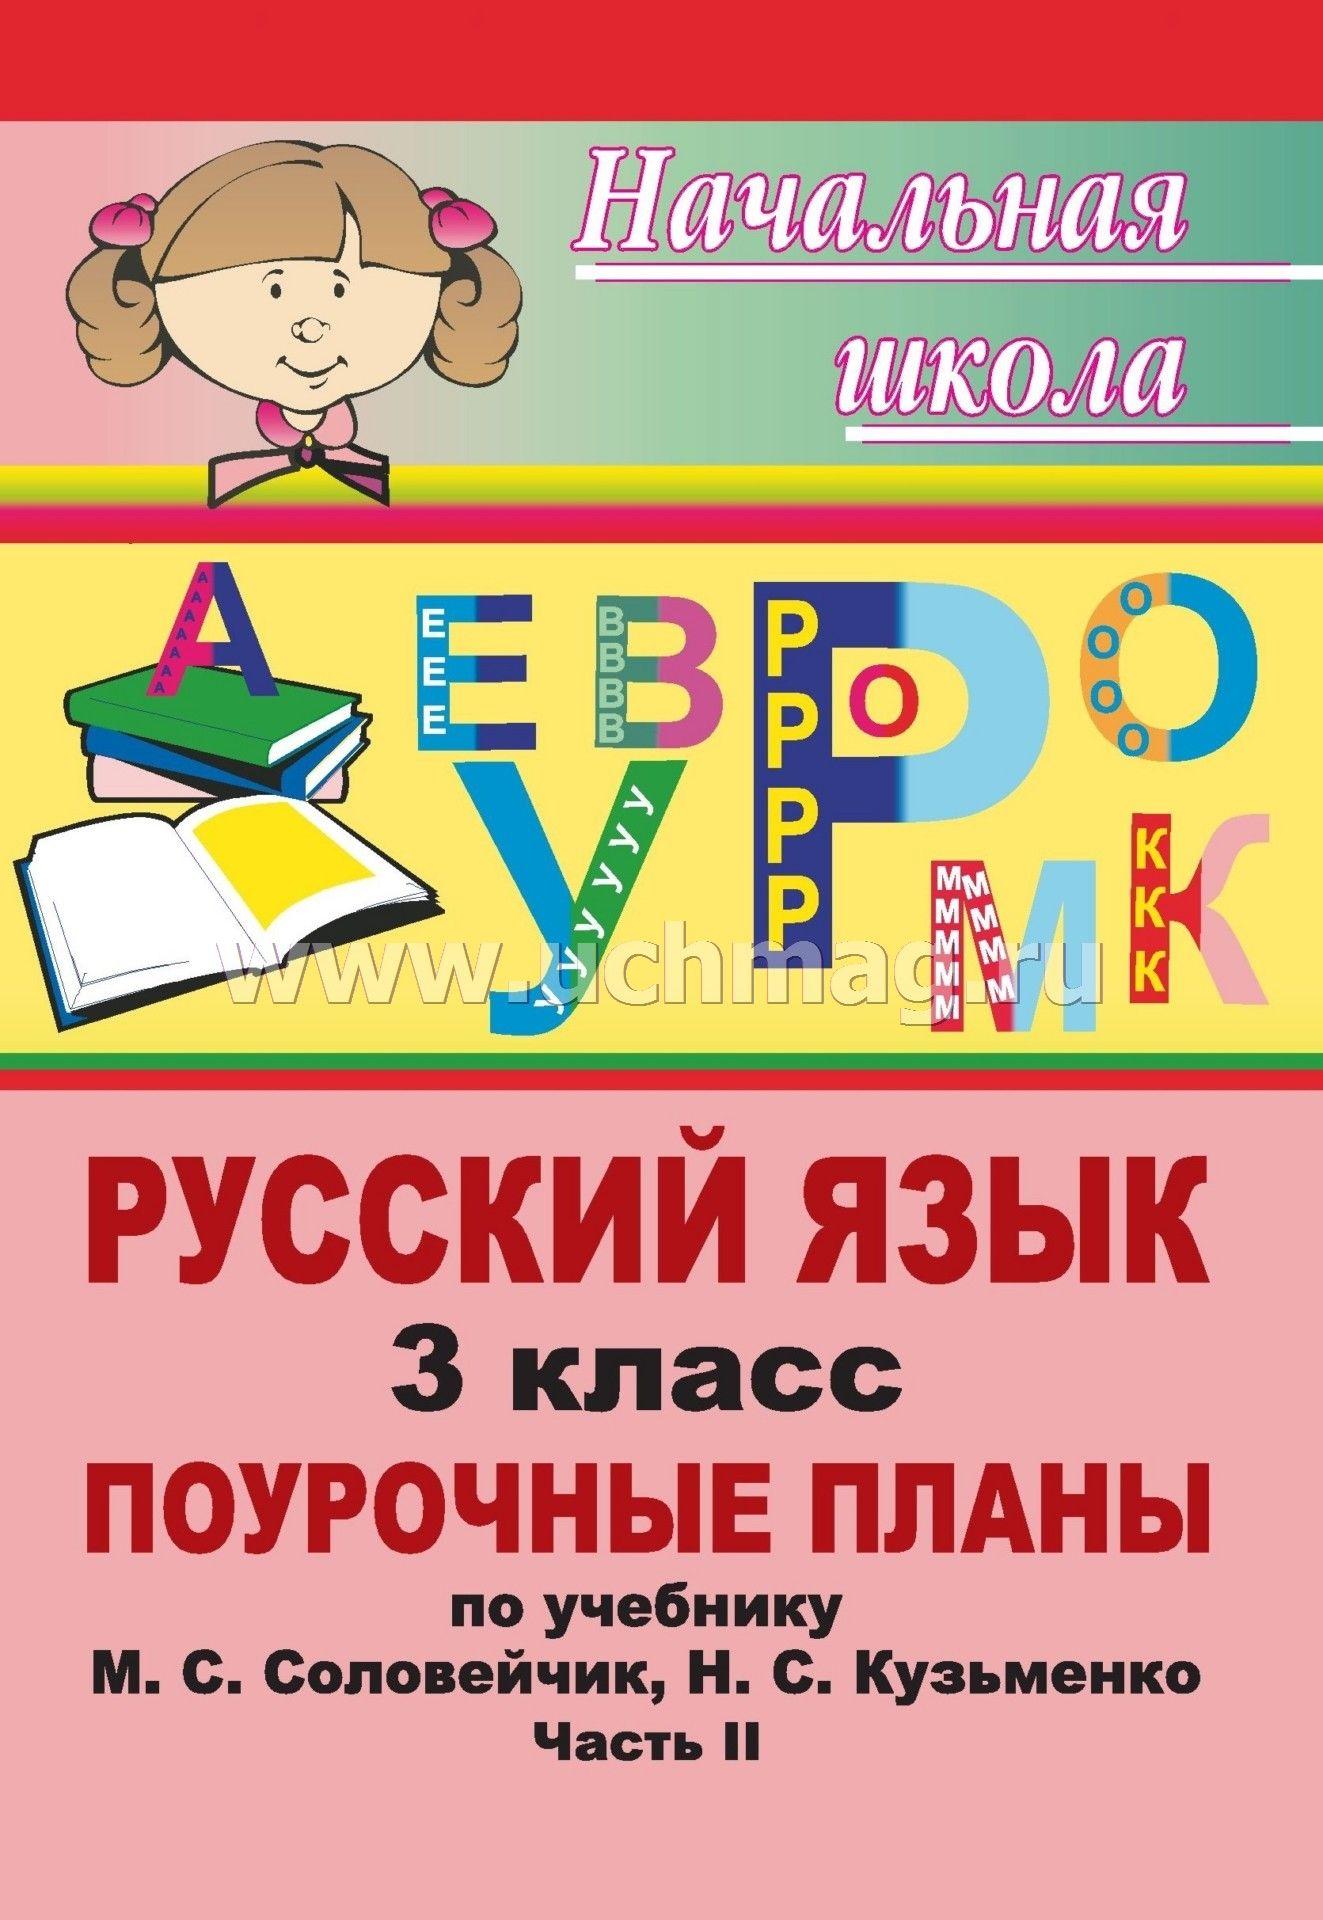 м с соловейчик н с кузьменко русский язык поурочные планы 3 класс скачать бесплатно